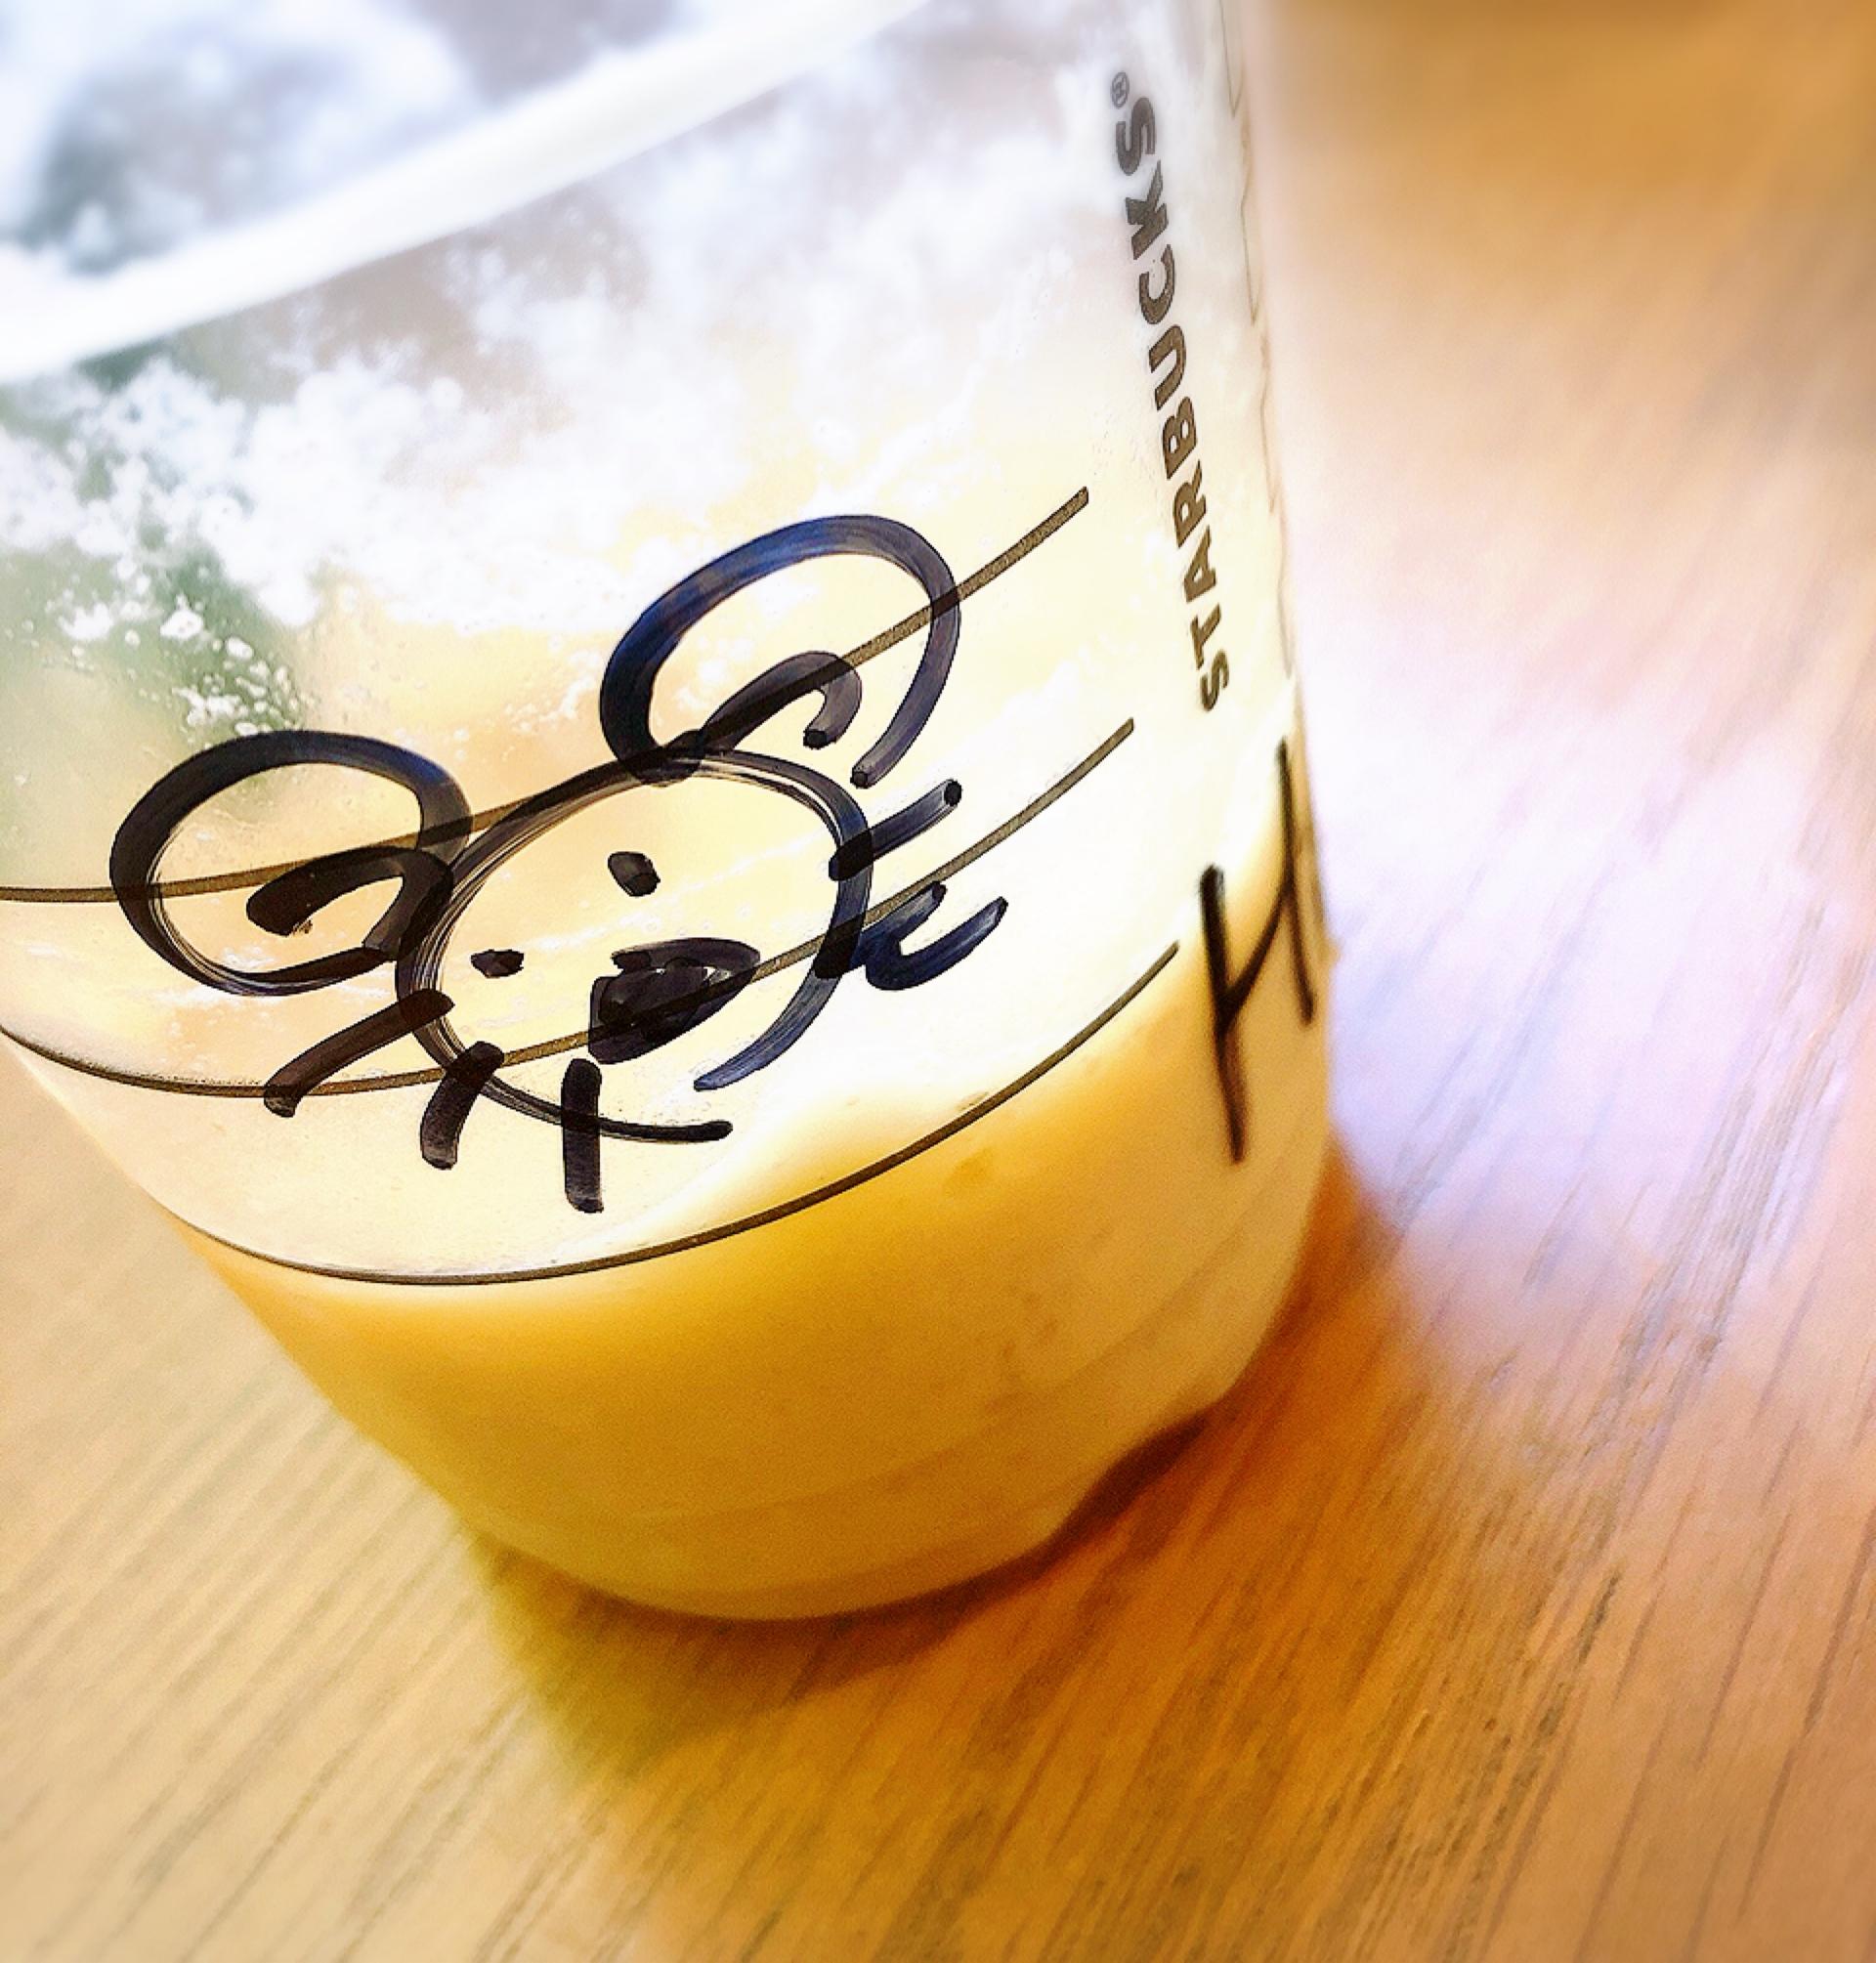 【#スタバ】あと5日!ほうじ茶フラペ、ラテが美味しすぎる\( °ω° )/♡ ラテに◎店員さんオススメの甘〜いフードは◯◯…♩_5